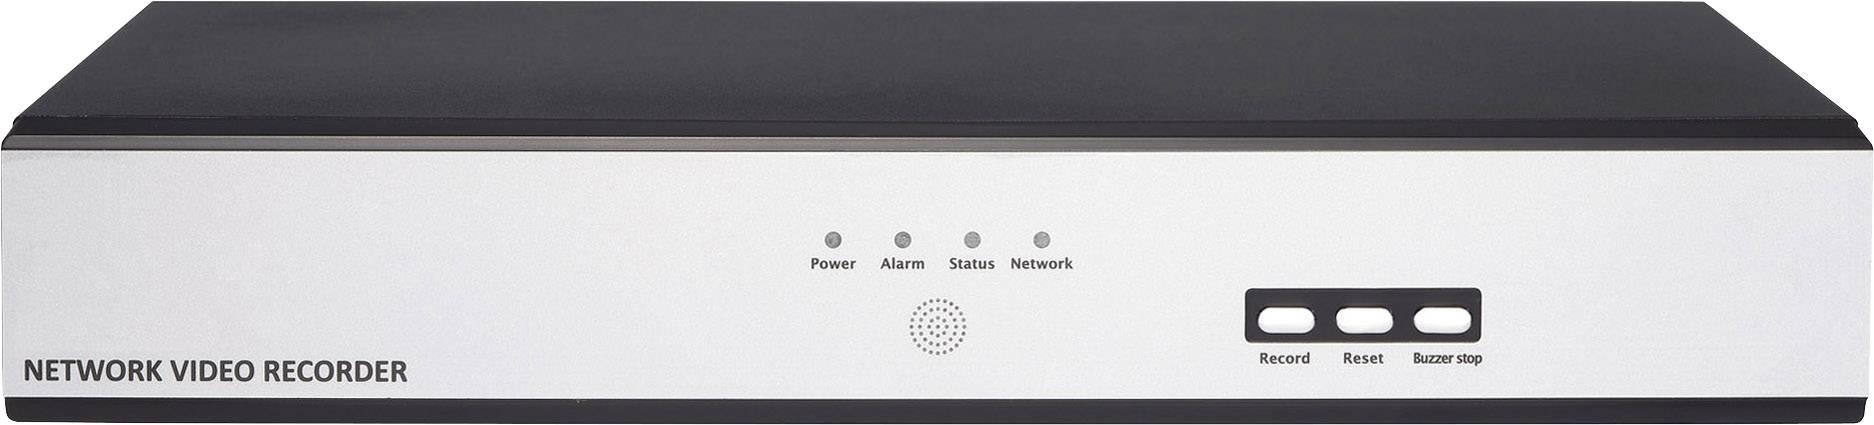 Sieťový IP videorekordér (NVR) pre bezp.kamery Digitus Professional DN-16112, 8-kanálový